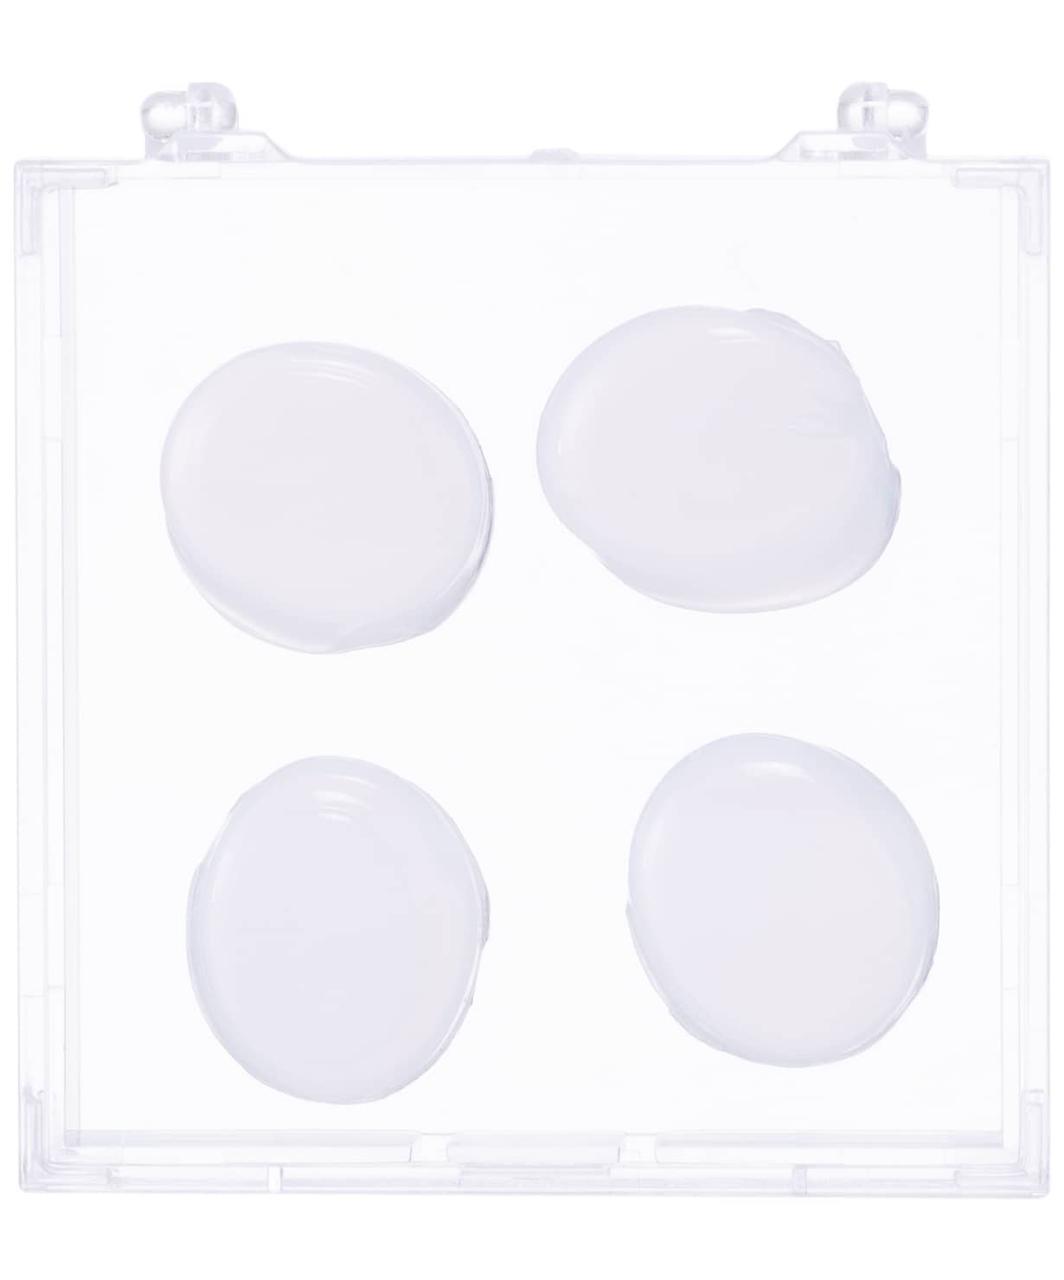 Беруши для плавания Density Transparent 25Degrees